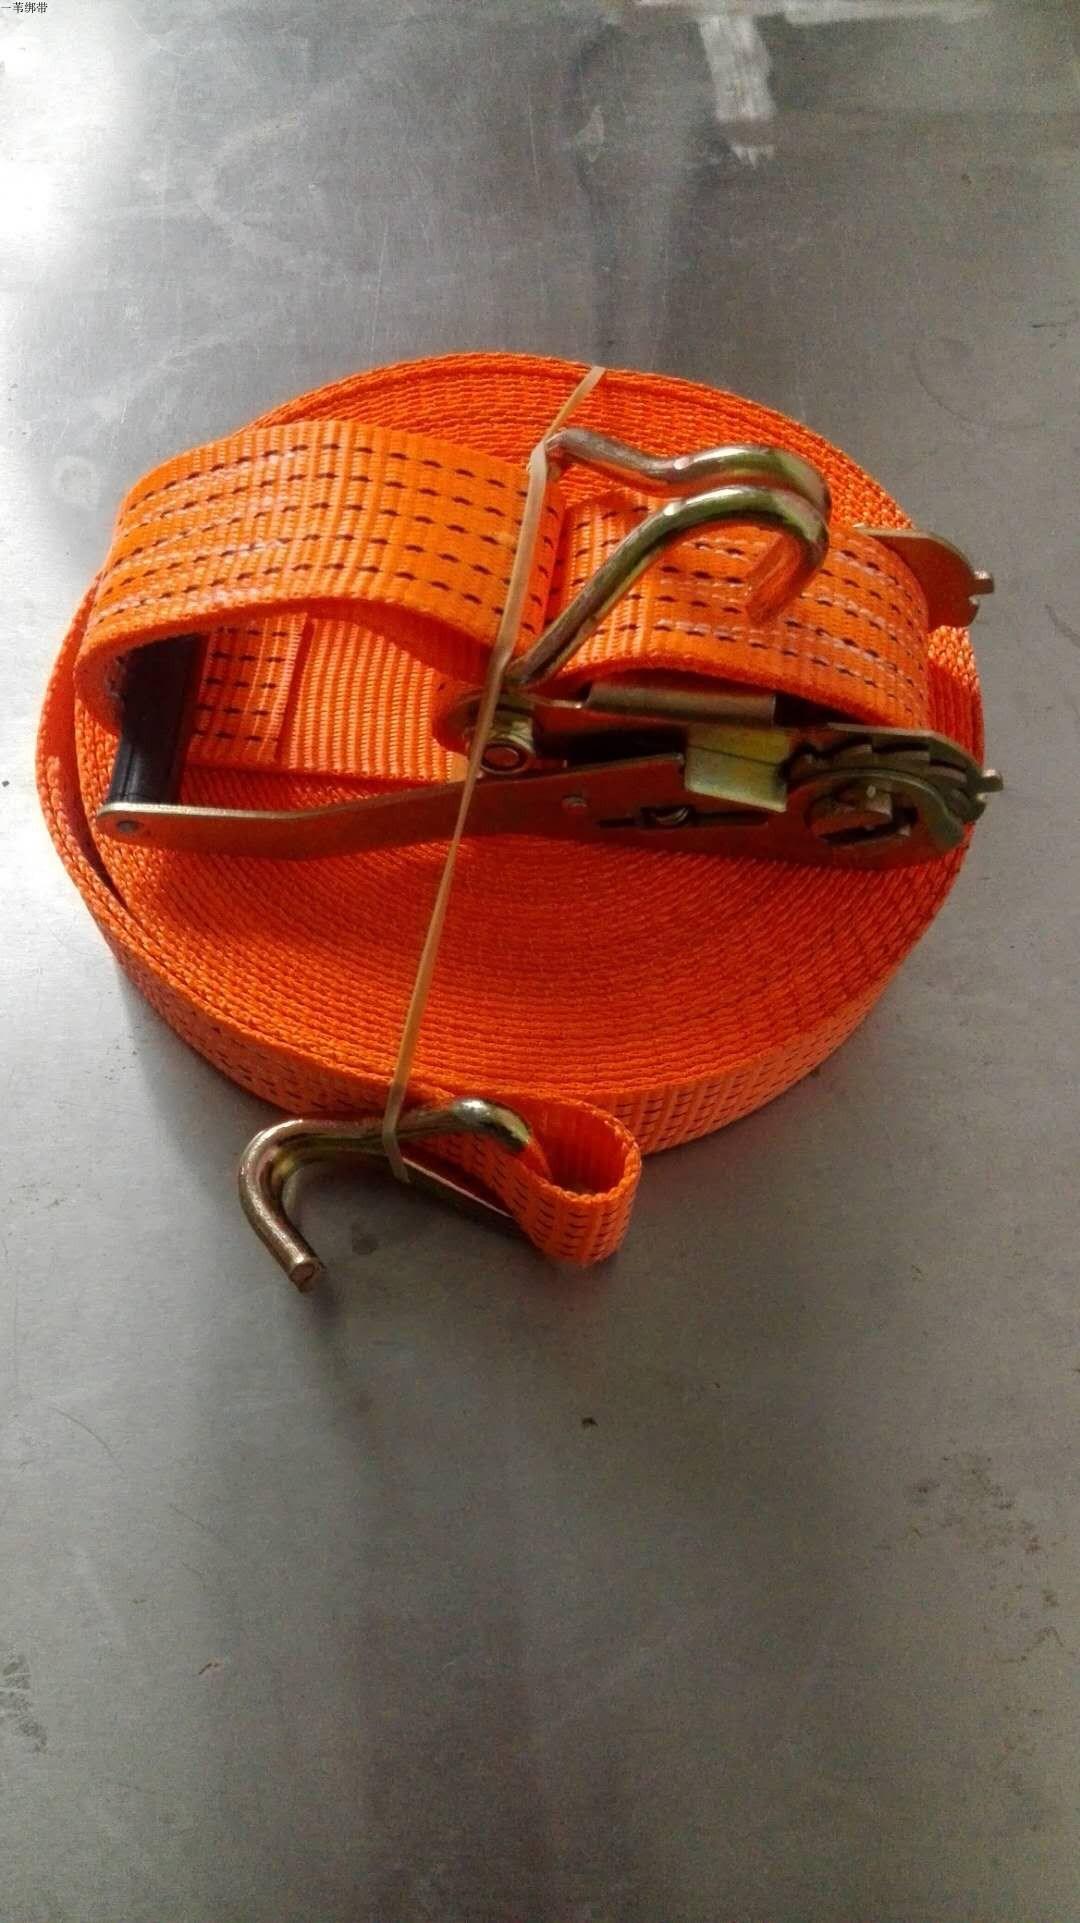 货车绑带 货物固定带 紧绳器 收紧器 钩子 吊带 打包带 拴紧 加厚